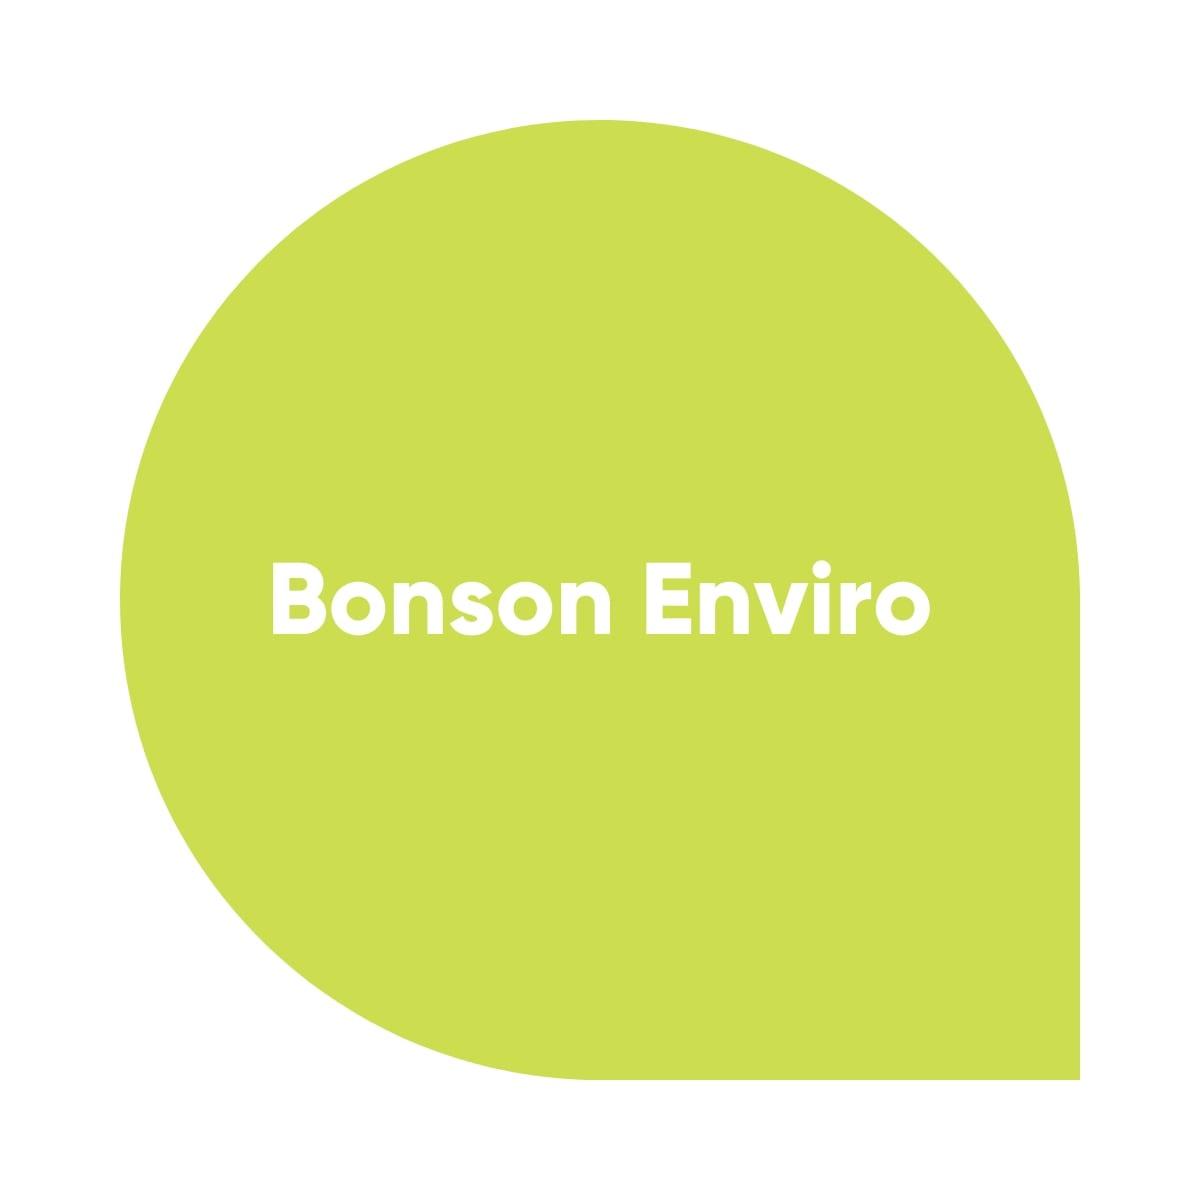 Bonson_enviro-teardot